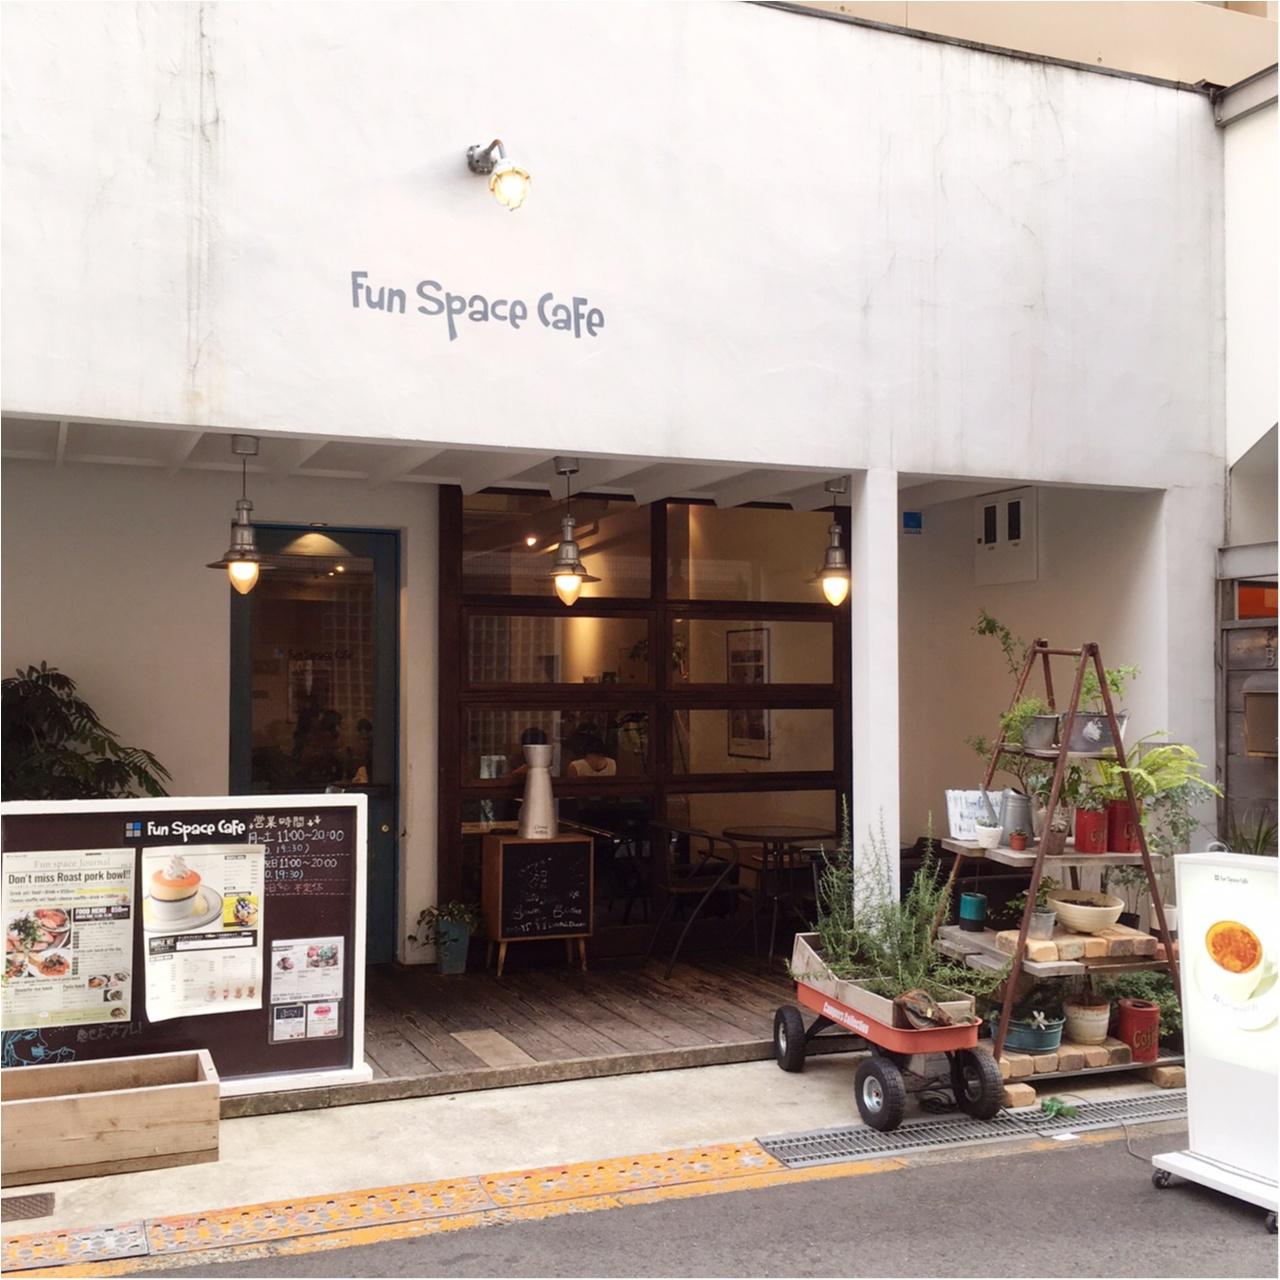 ふわとろ♡スフレにめろめろですっ!大阪《Fun Space Cafe》_1